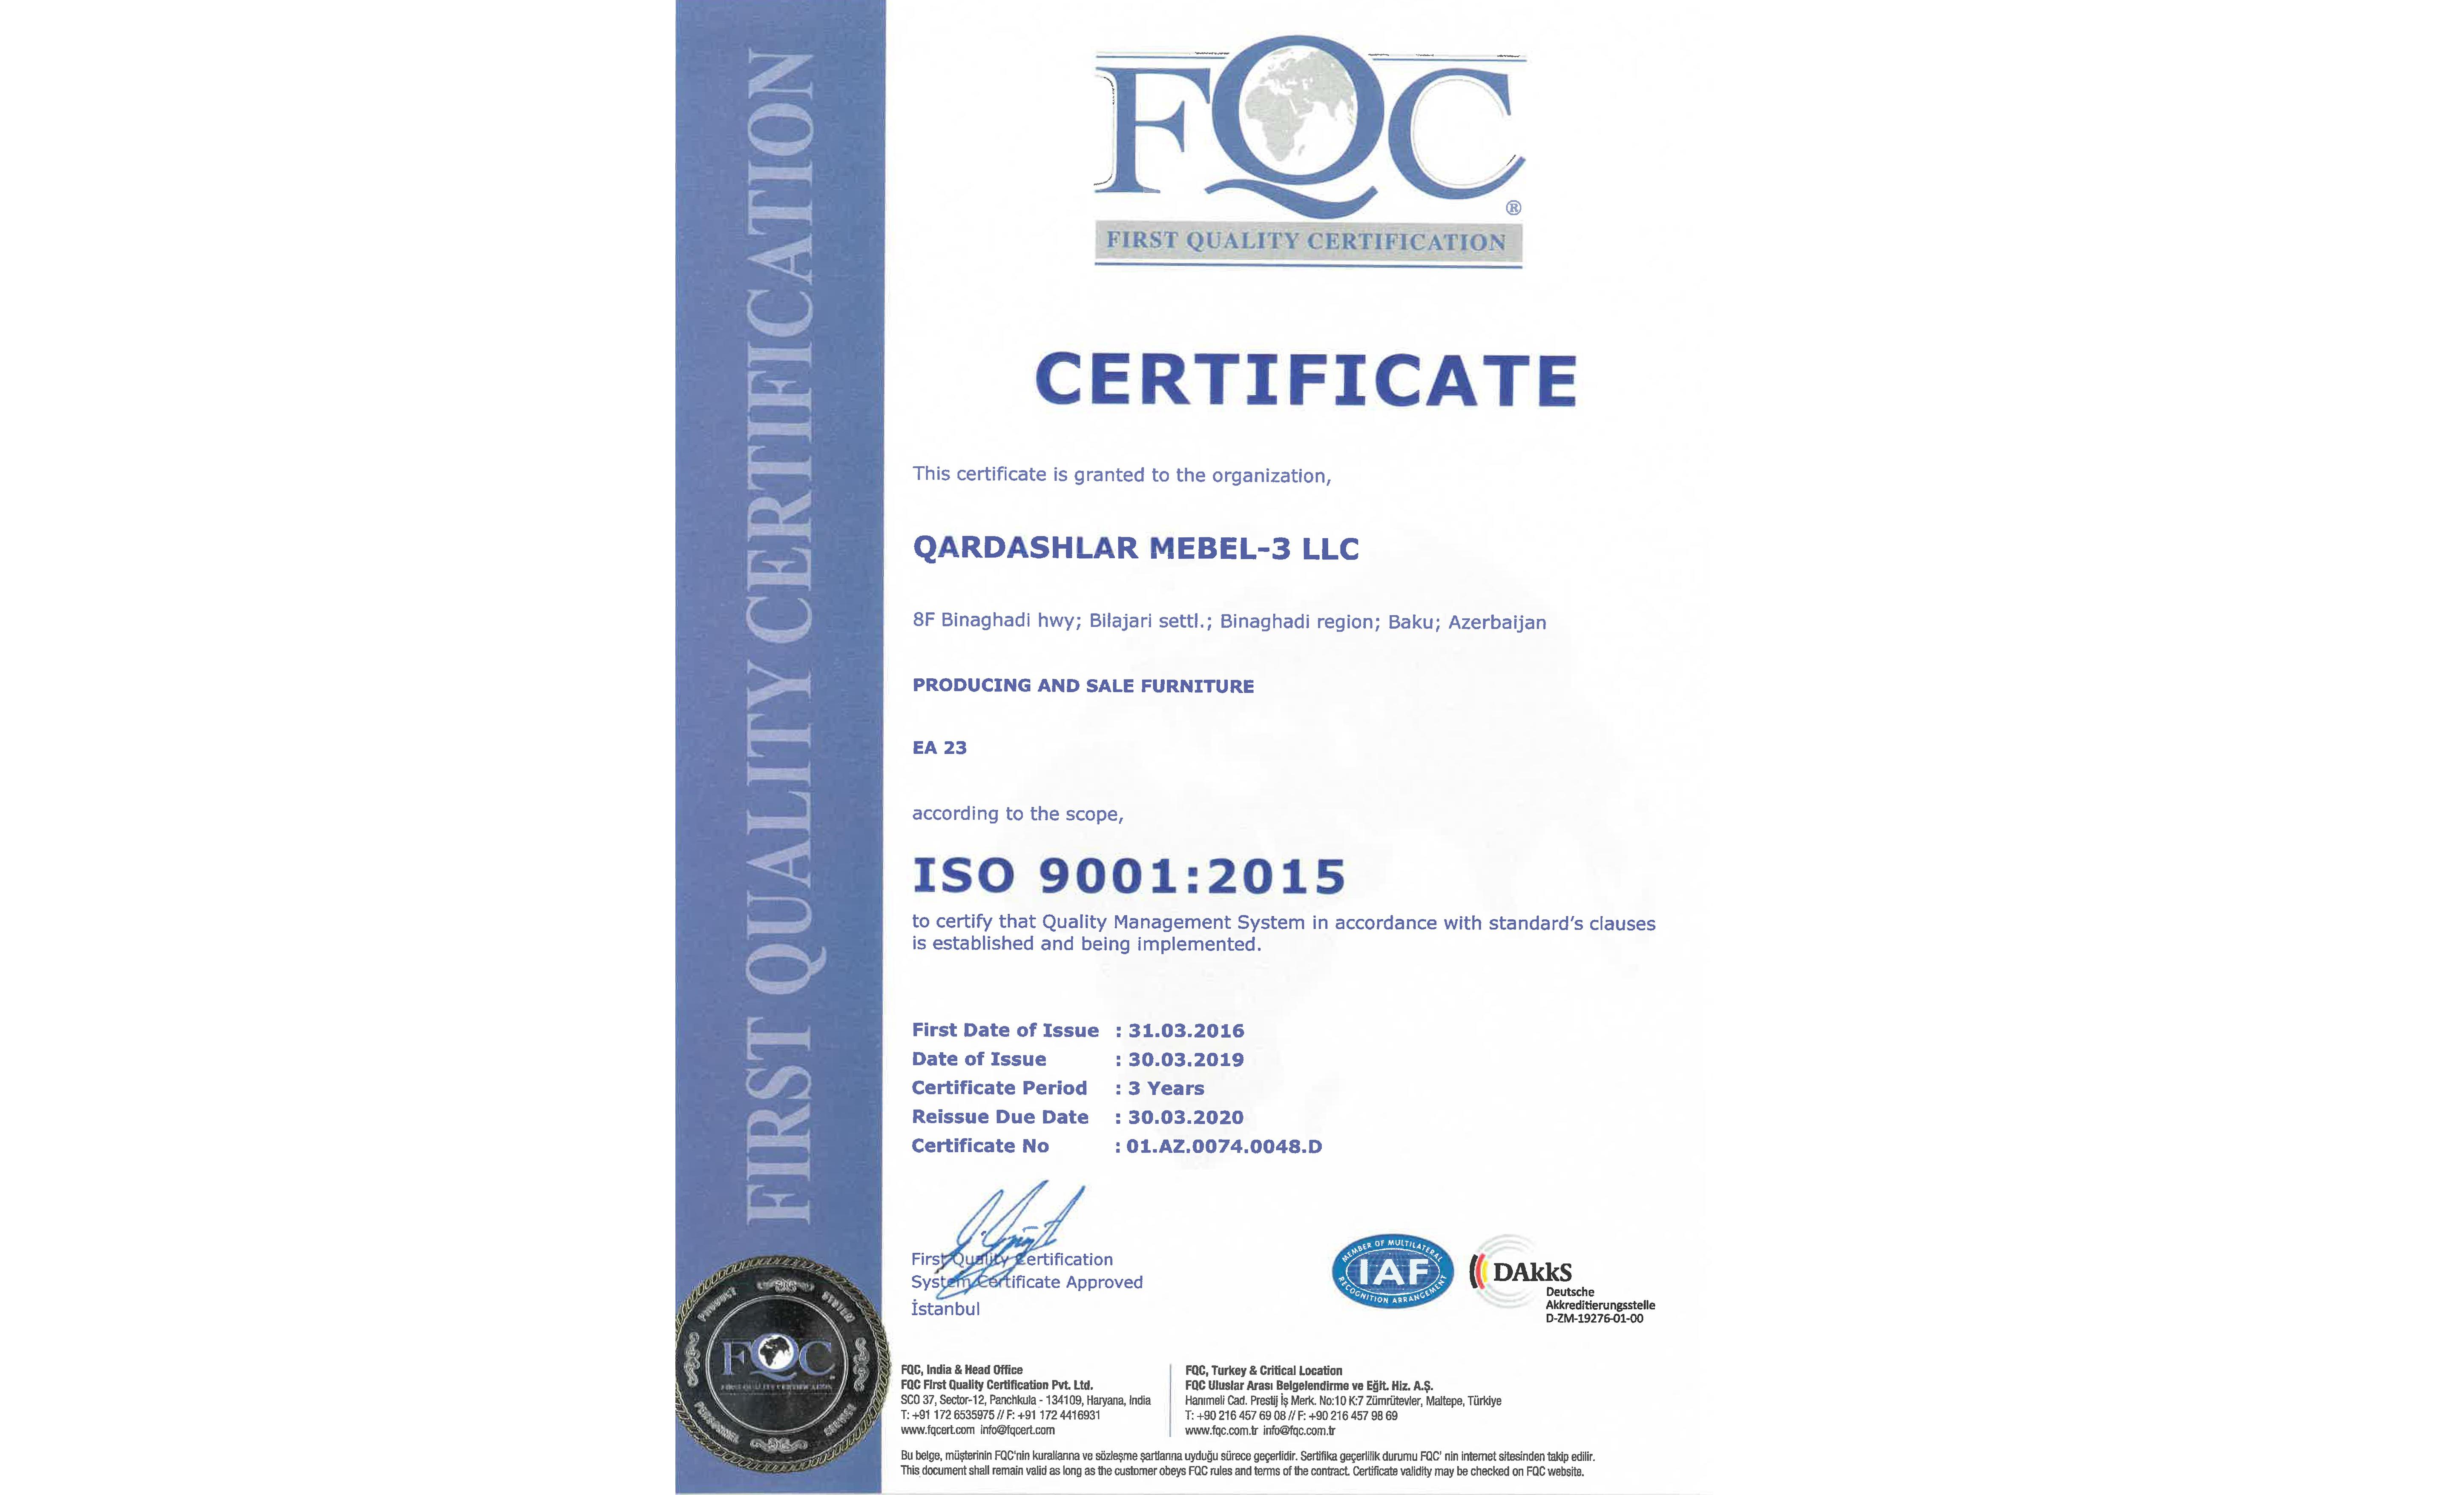 İSO 9001 : 2015 Setfikatı